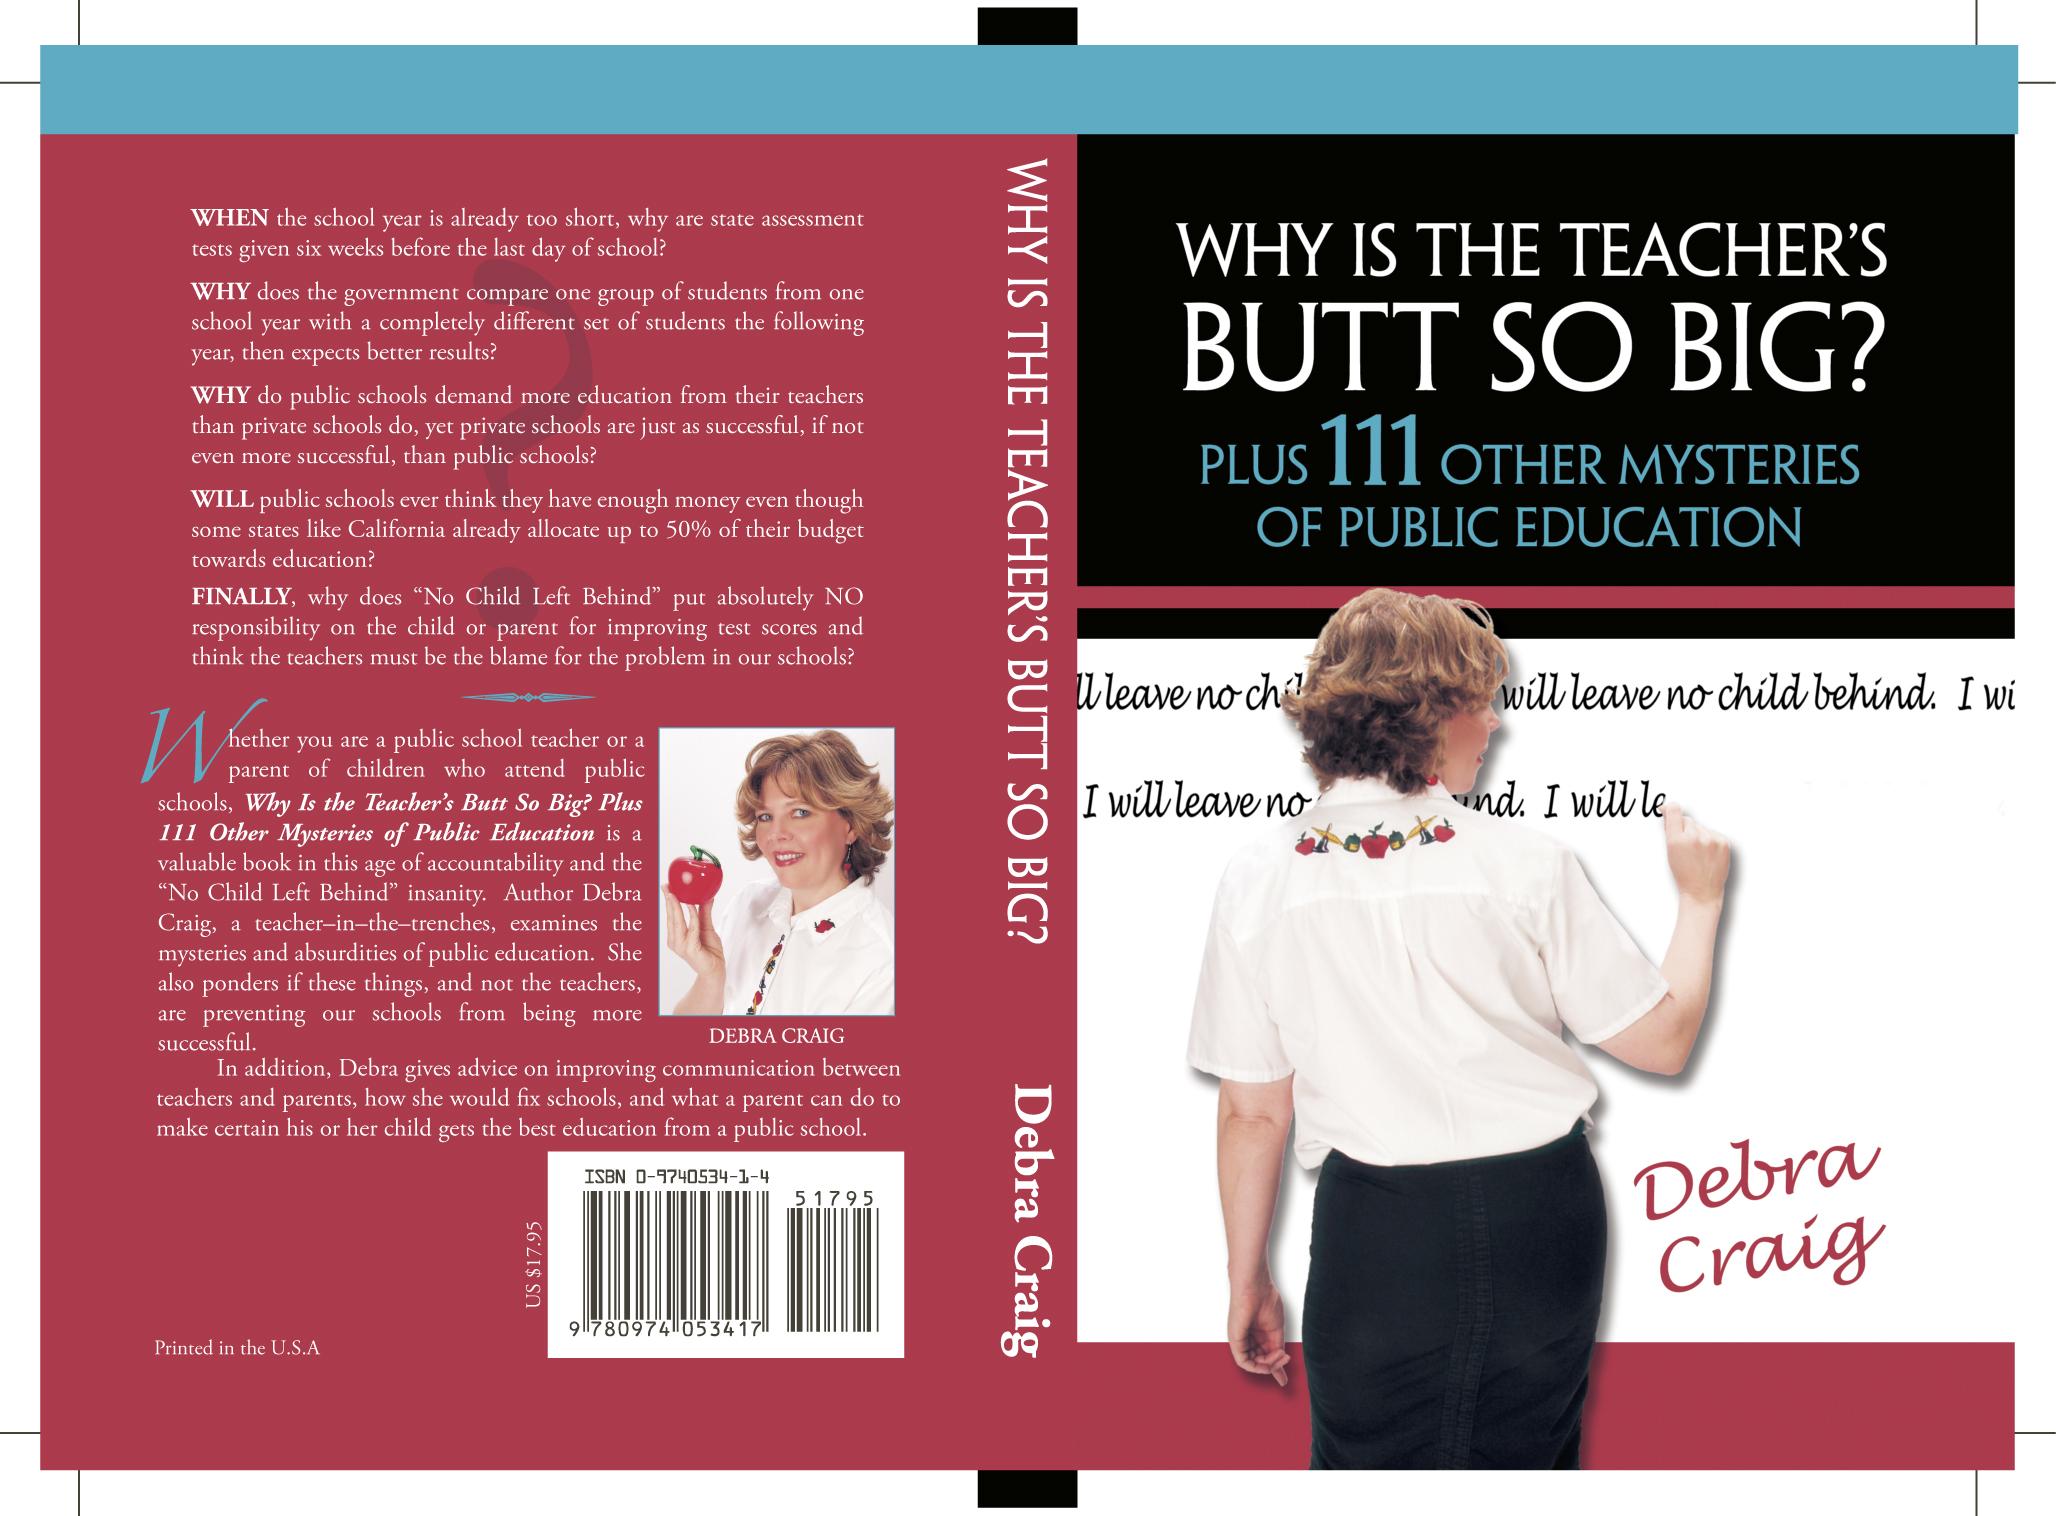 Big butt teacher